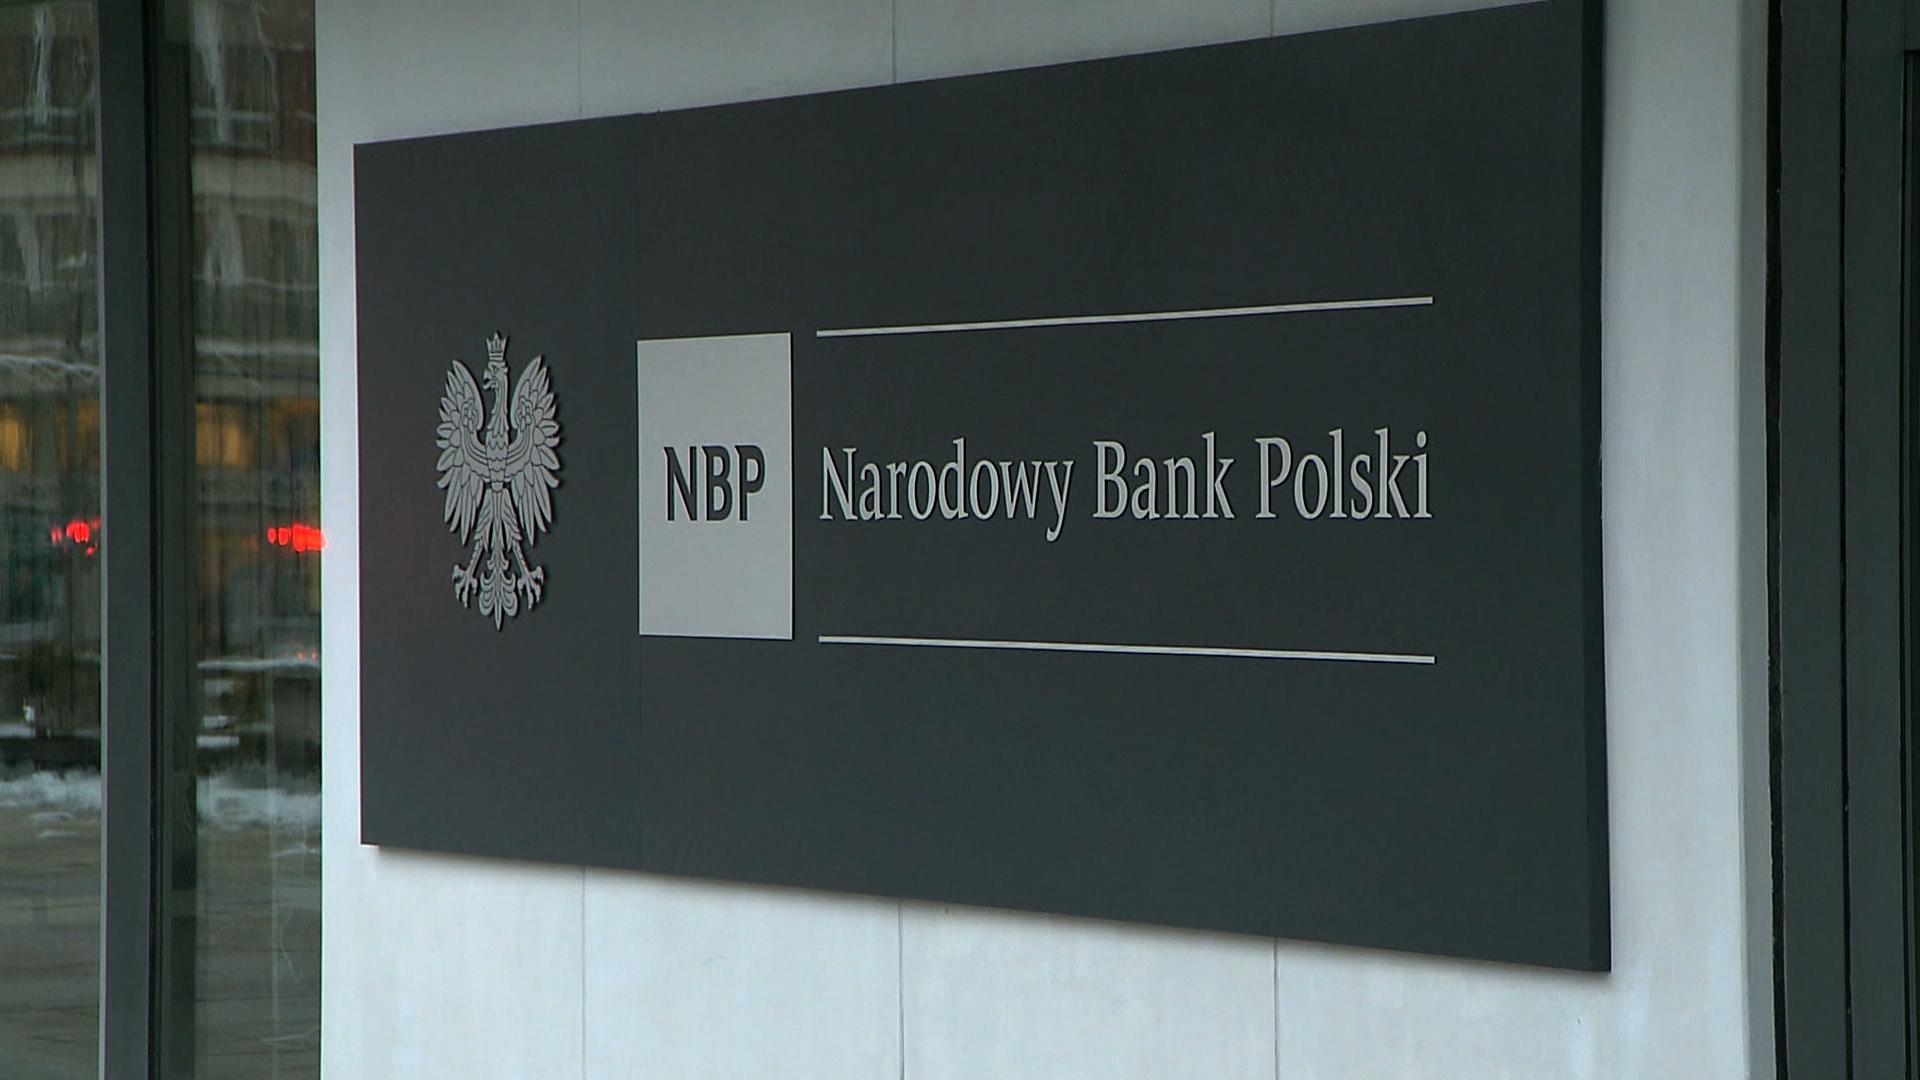 Ustawodawstwo ws. NBP nie jest w pełni zgodne z unijnymi zaleceniami